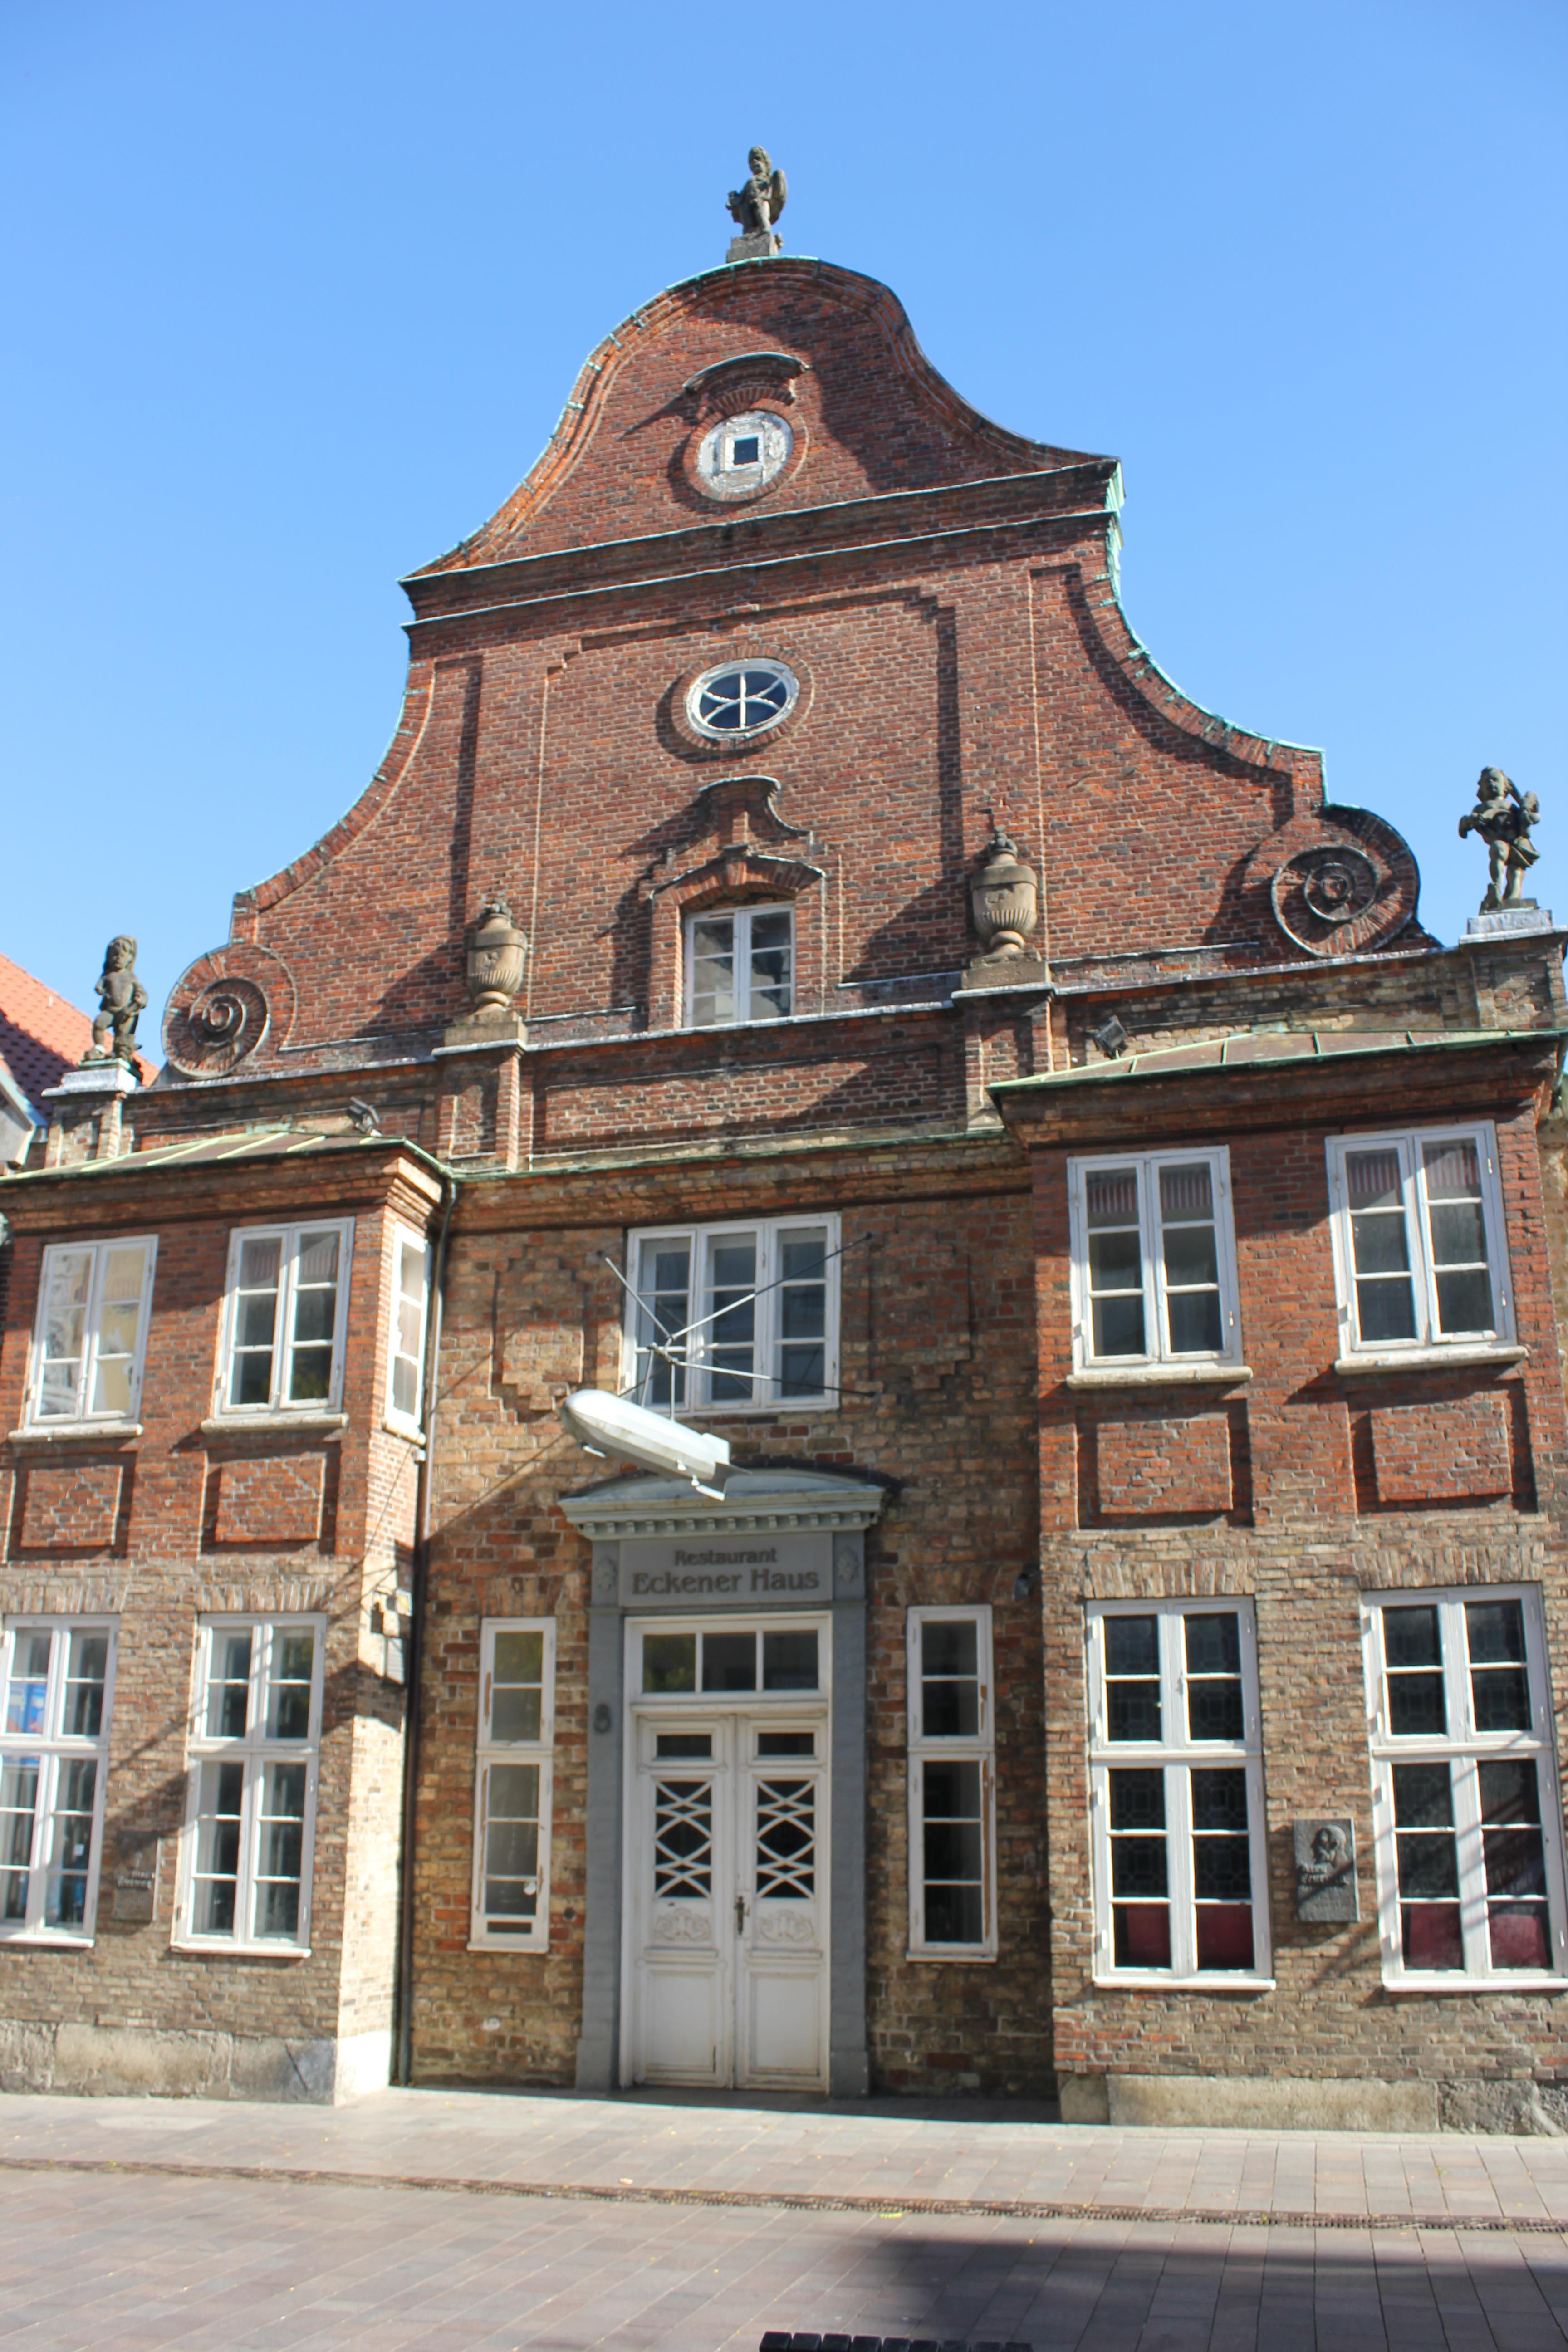 Datei Eckener Haus Vorderansicht zweites Bild JPG